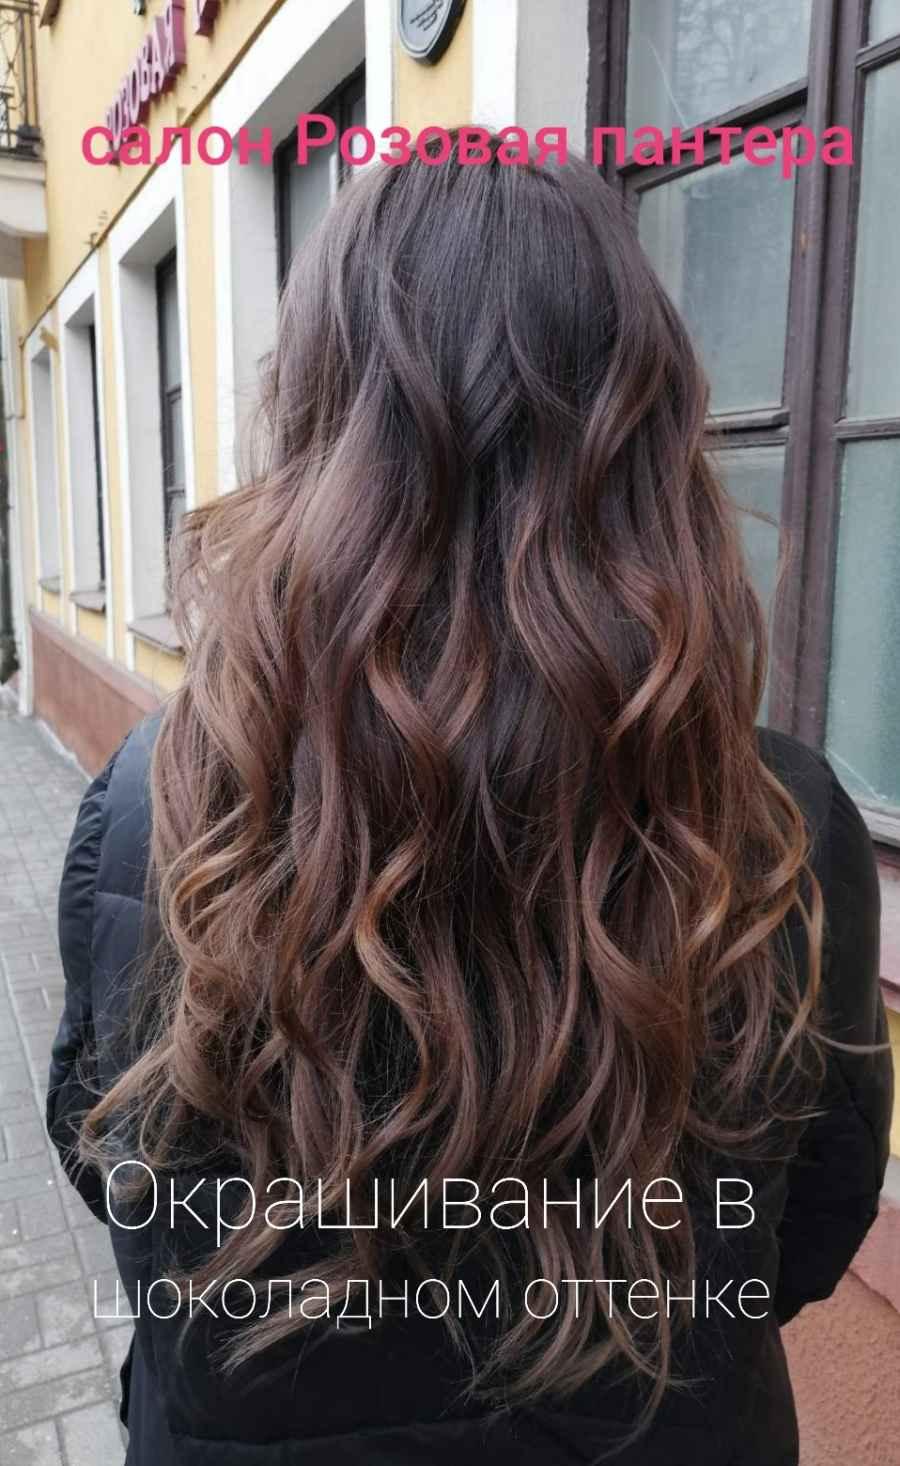 Сложное окрашивание волос салон Розовая пантера